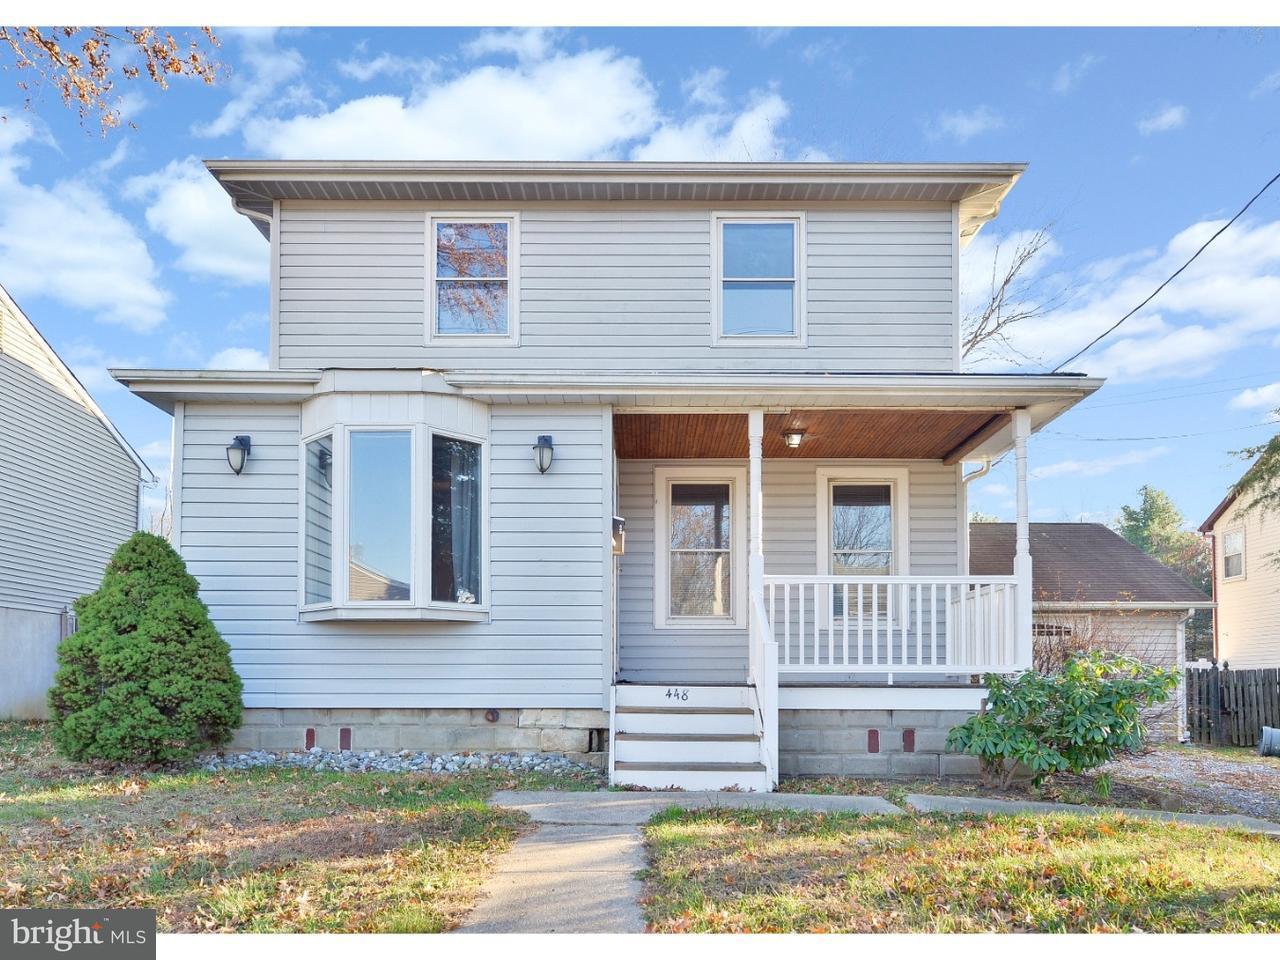 独户住宅 为 销售 在 448 ROBERTS Avenue Bellmawr, 新泽西州 08031 美国